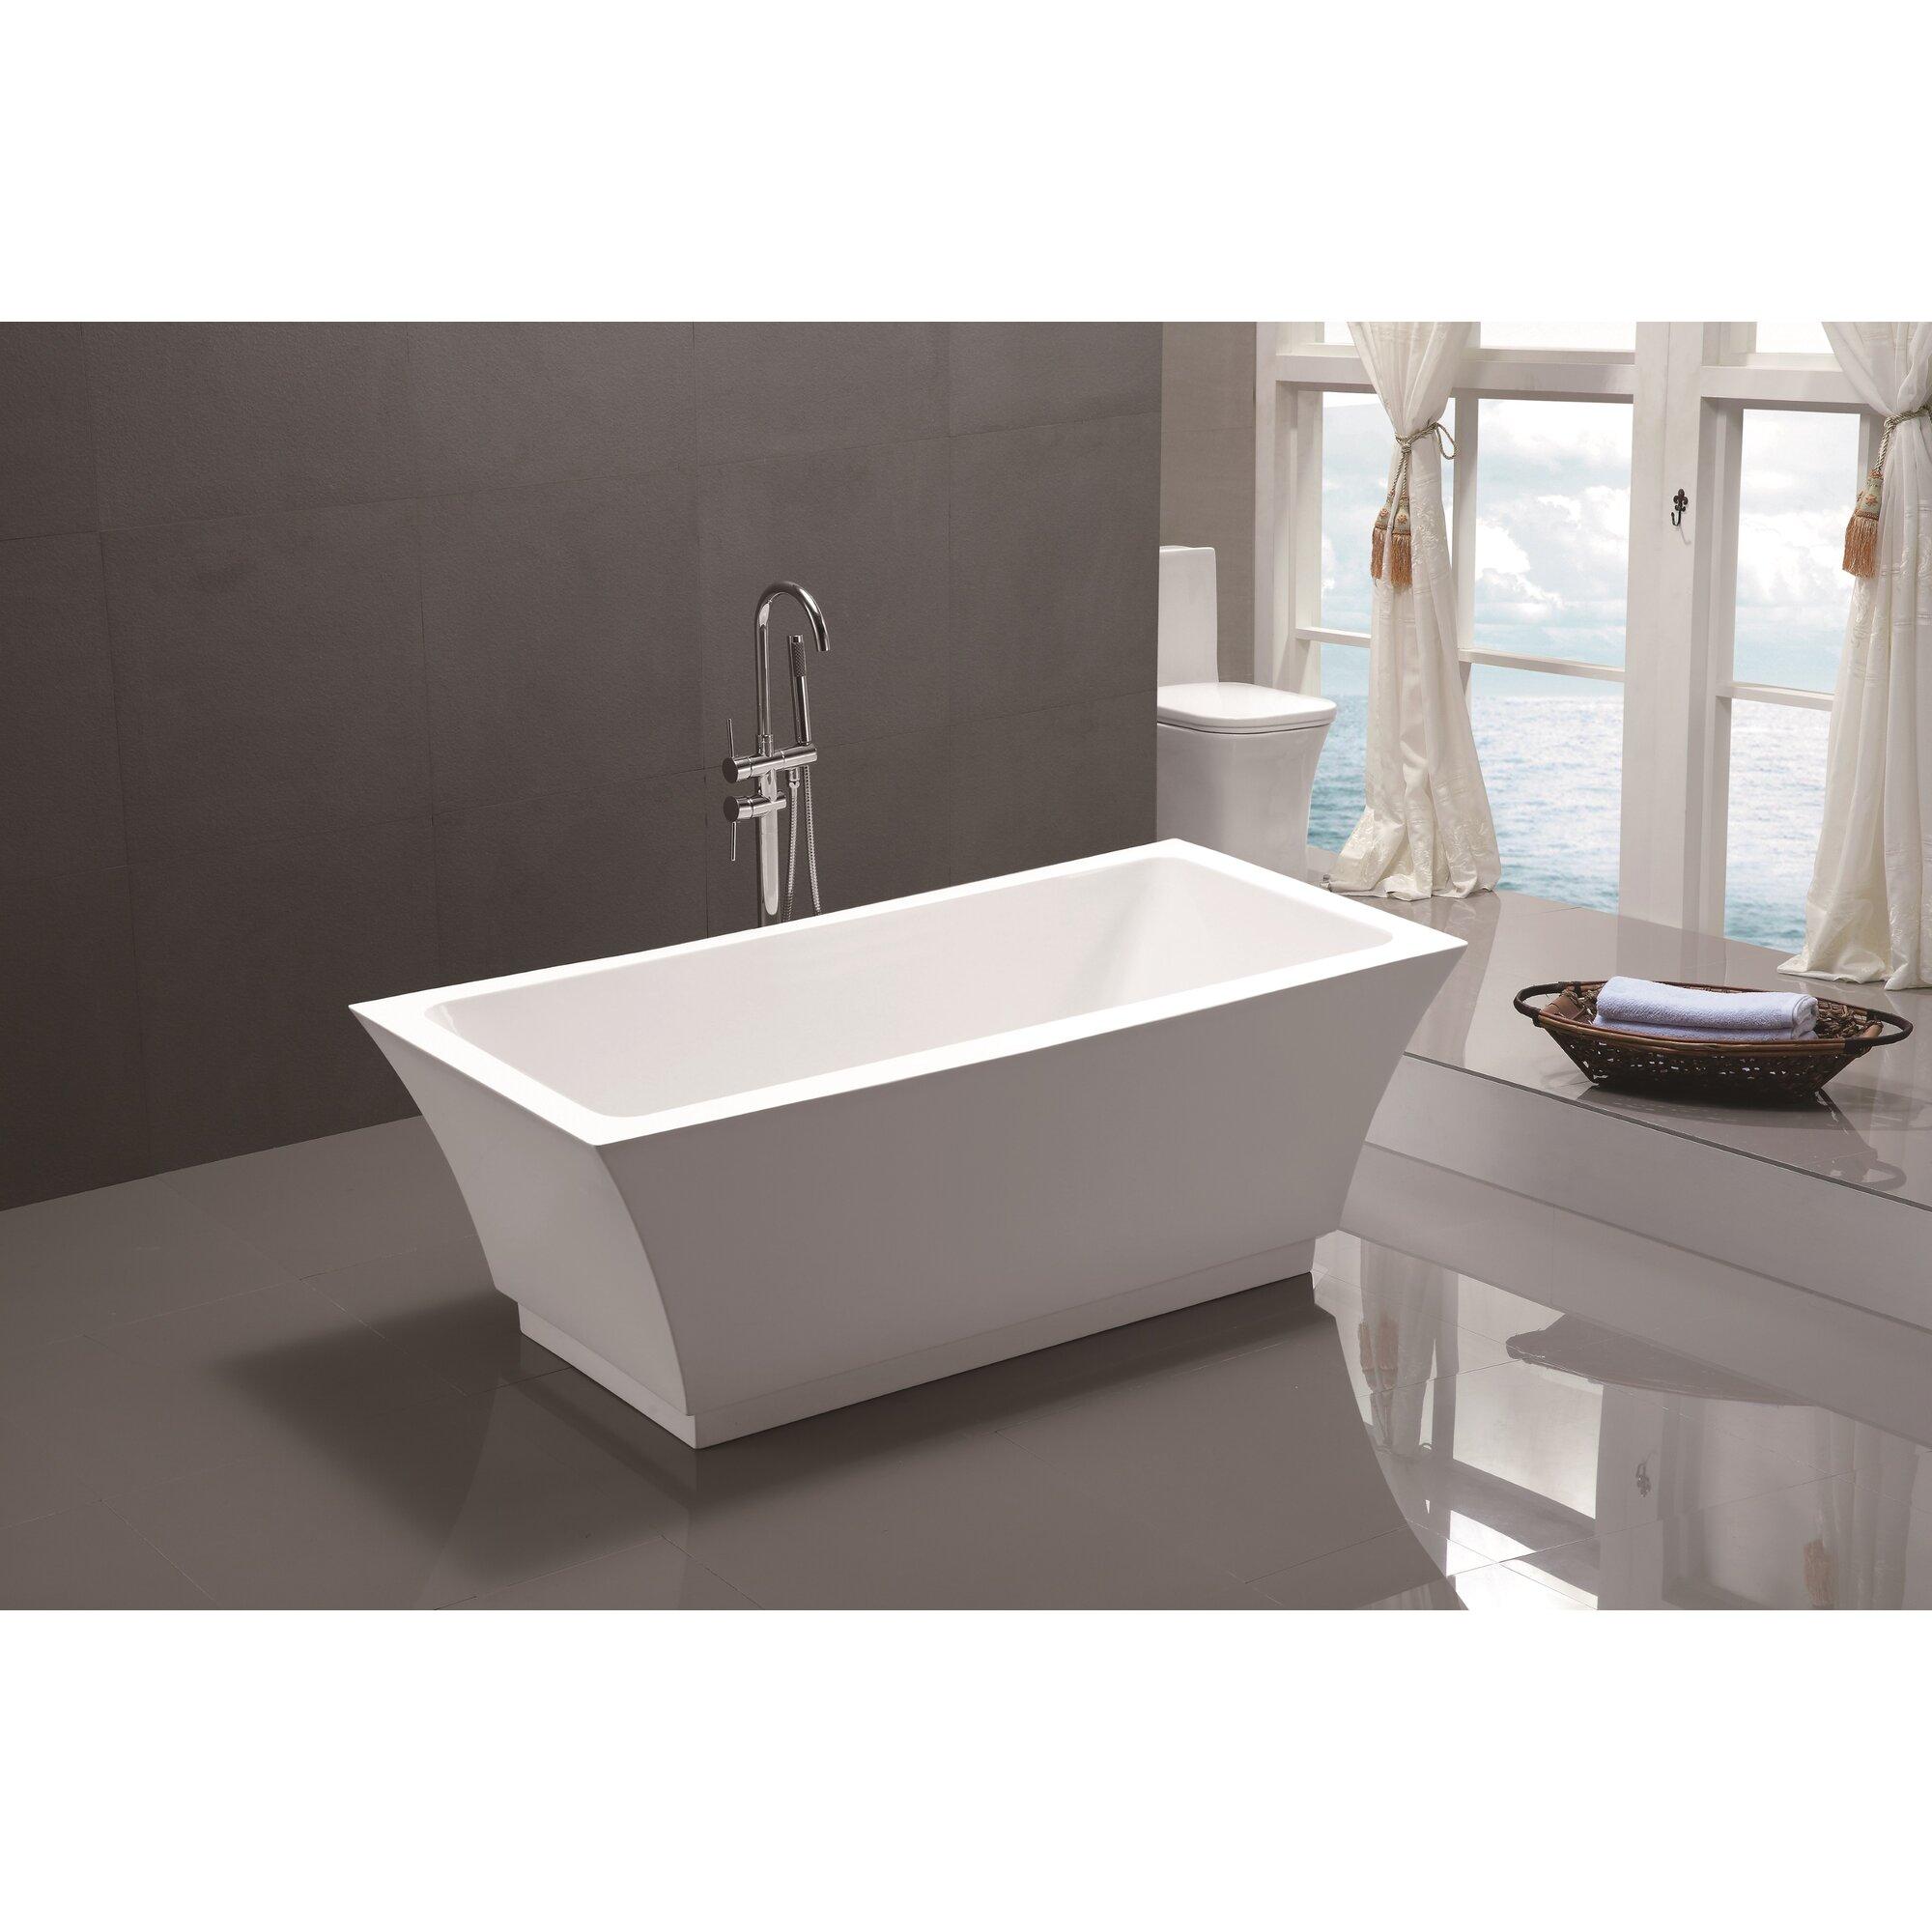 Vanity Art 59 Quot X 29 5 Quot Freestanding Soaking Bathtub